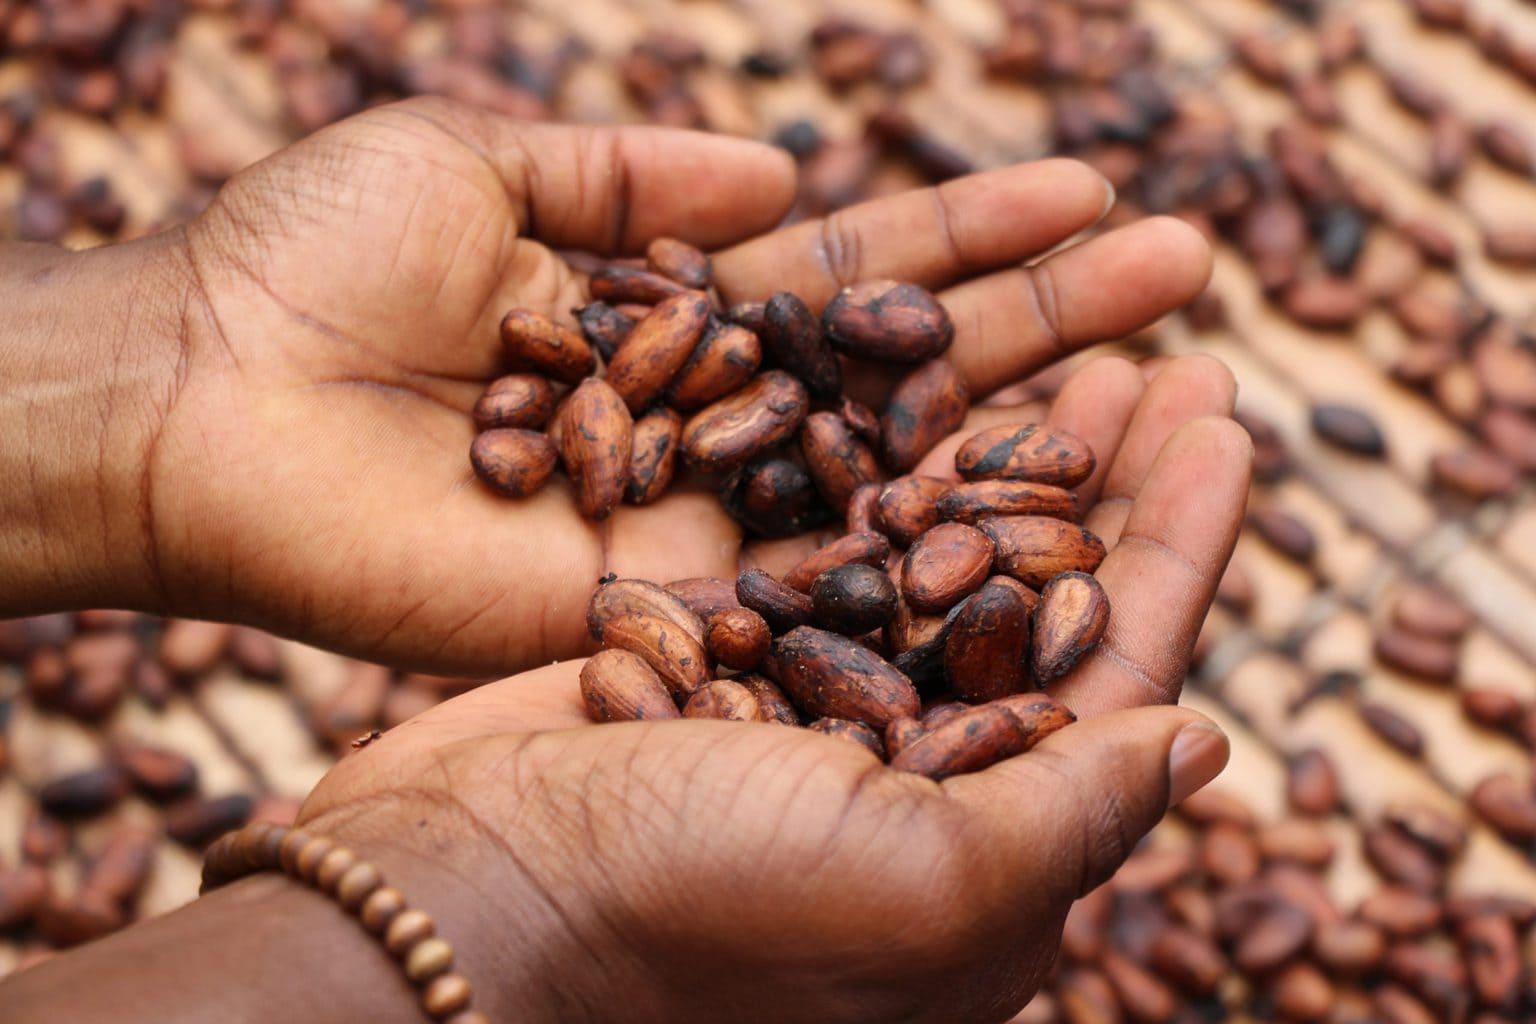 Onbehandelde cacaobonen voor de productie van veganistische chocola uit Duitsland